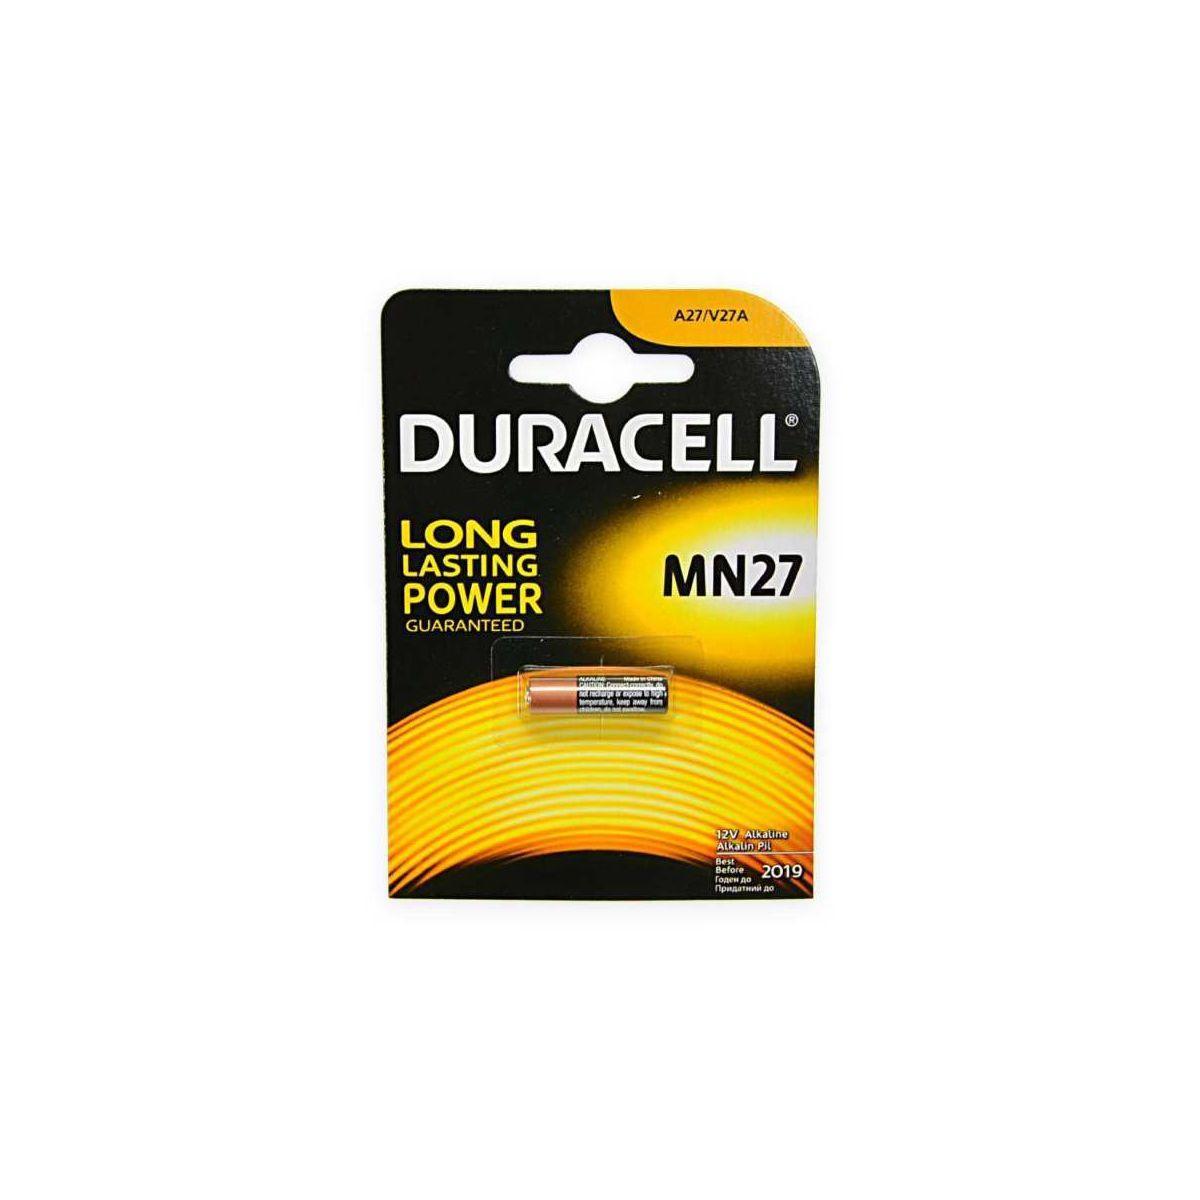 Pile non rechargeable duracell mn27 x1 - 2% de remise imm�diate avec le code : automne2 (photo)